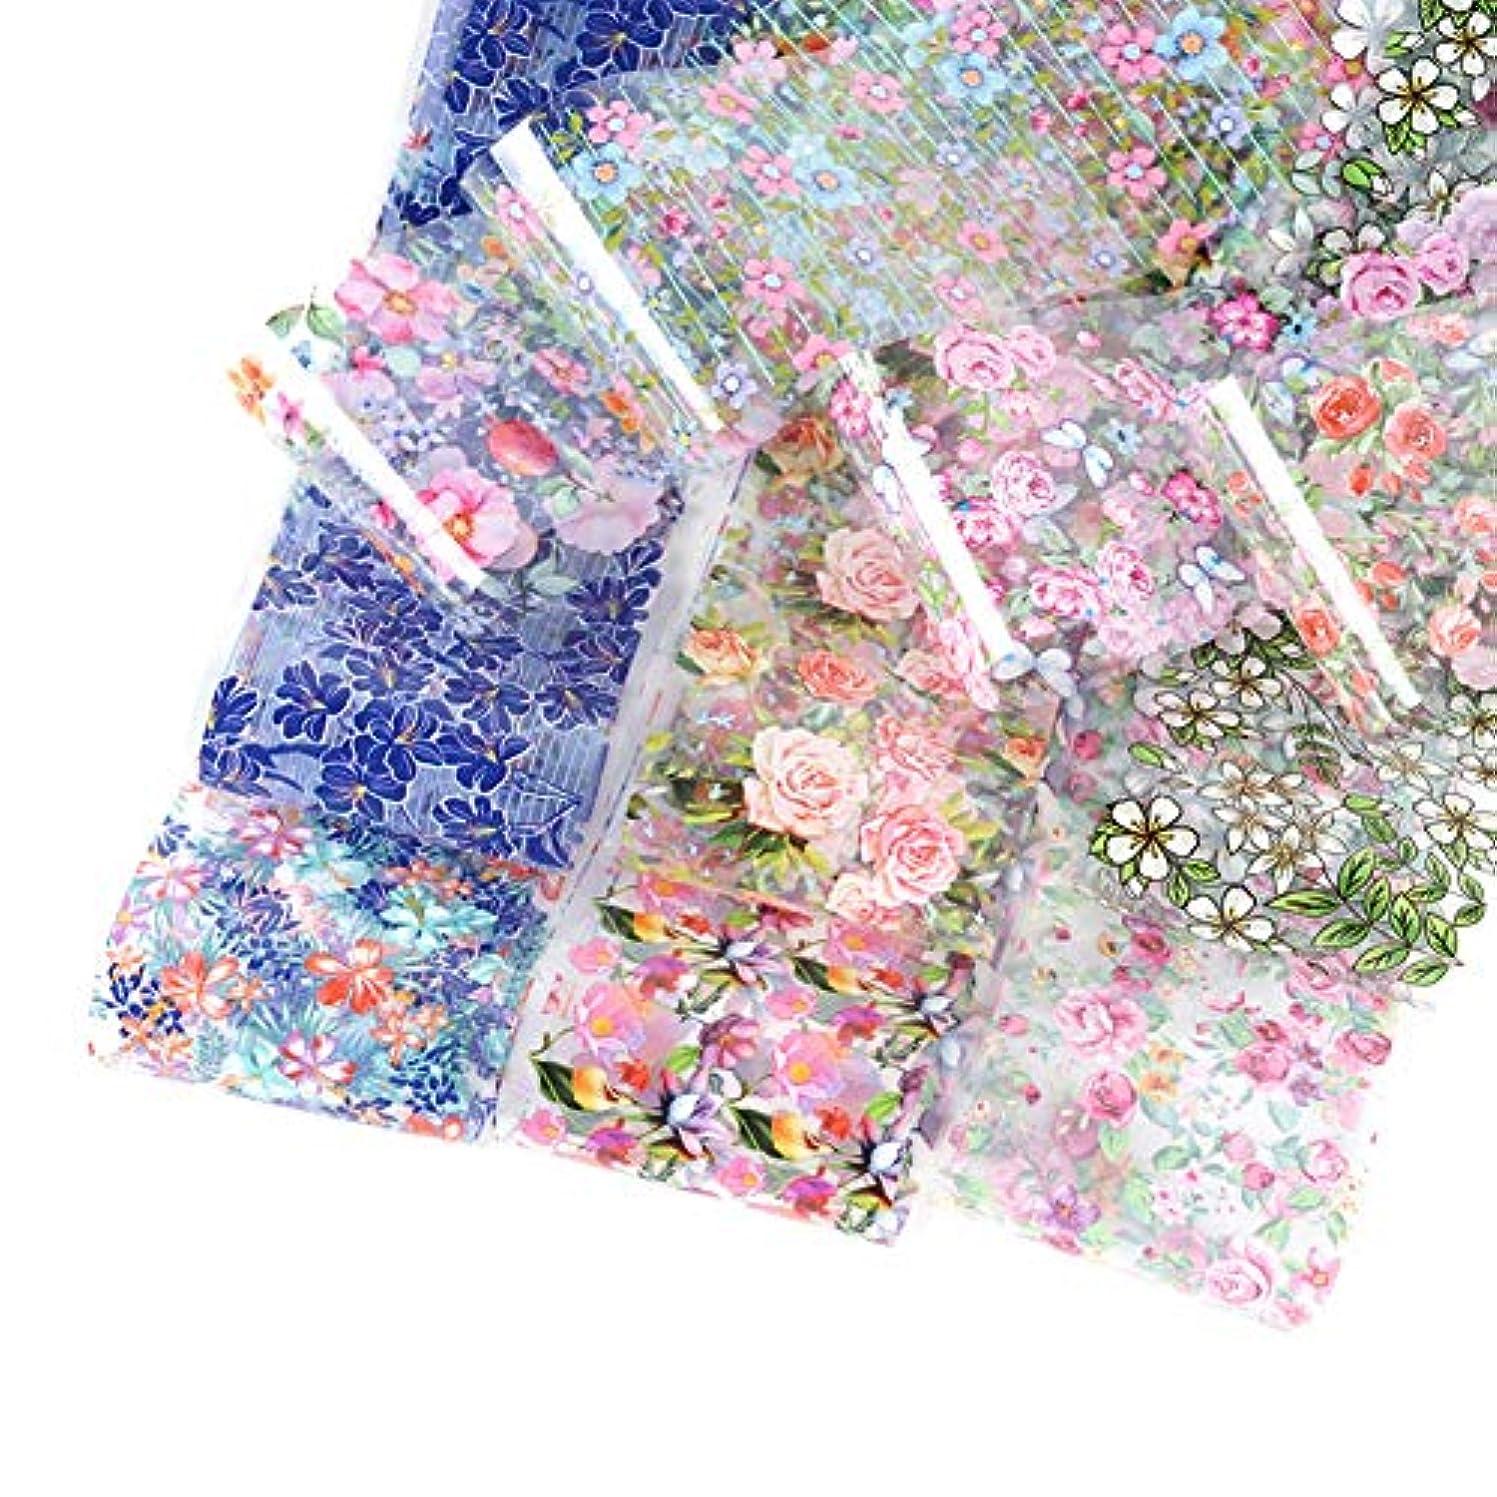 アルネ最も早い夜間Goshang ネイルシール ネイルステッカー 星空ネイル シェル 花柄ネイルホイル 水彩の花 転写ホイル 箔紙 シェルプリント 極薄フィルム 3D デザイン ネイル転印シール 10pcsセット